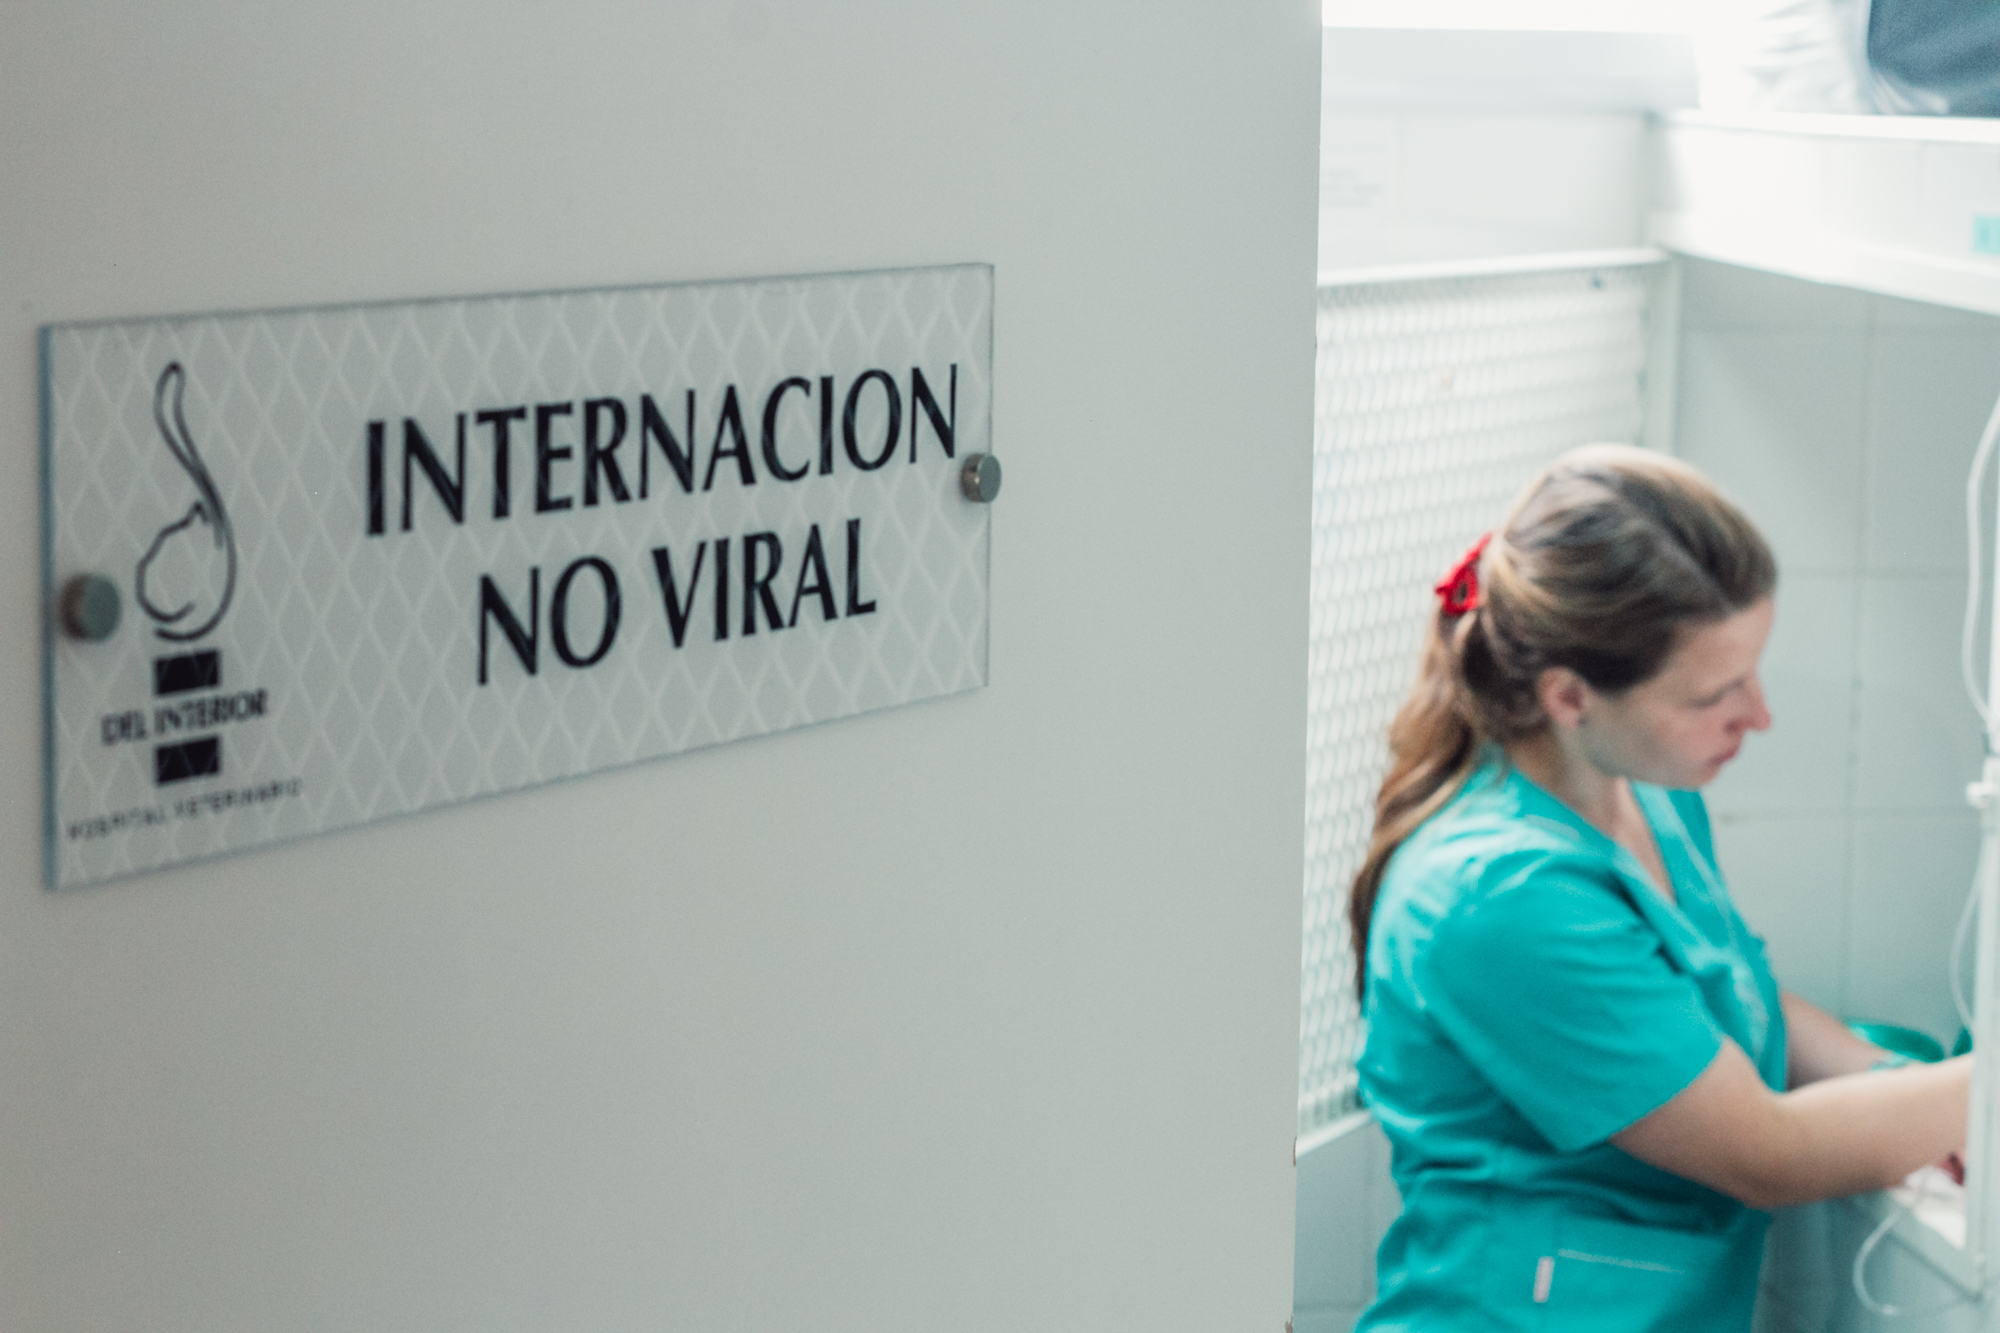 Del Interior Hospital Veterinario -1123.